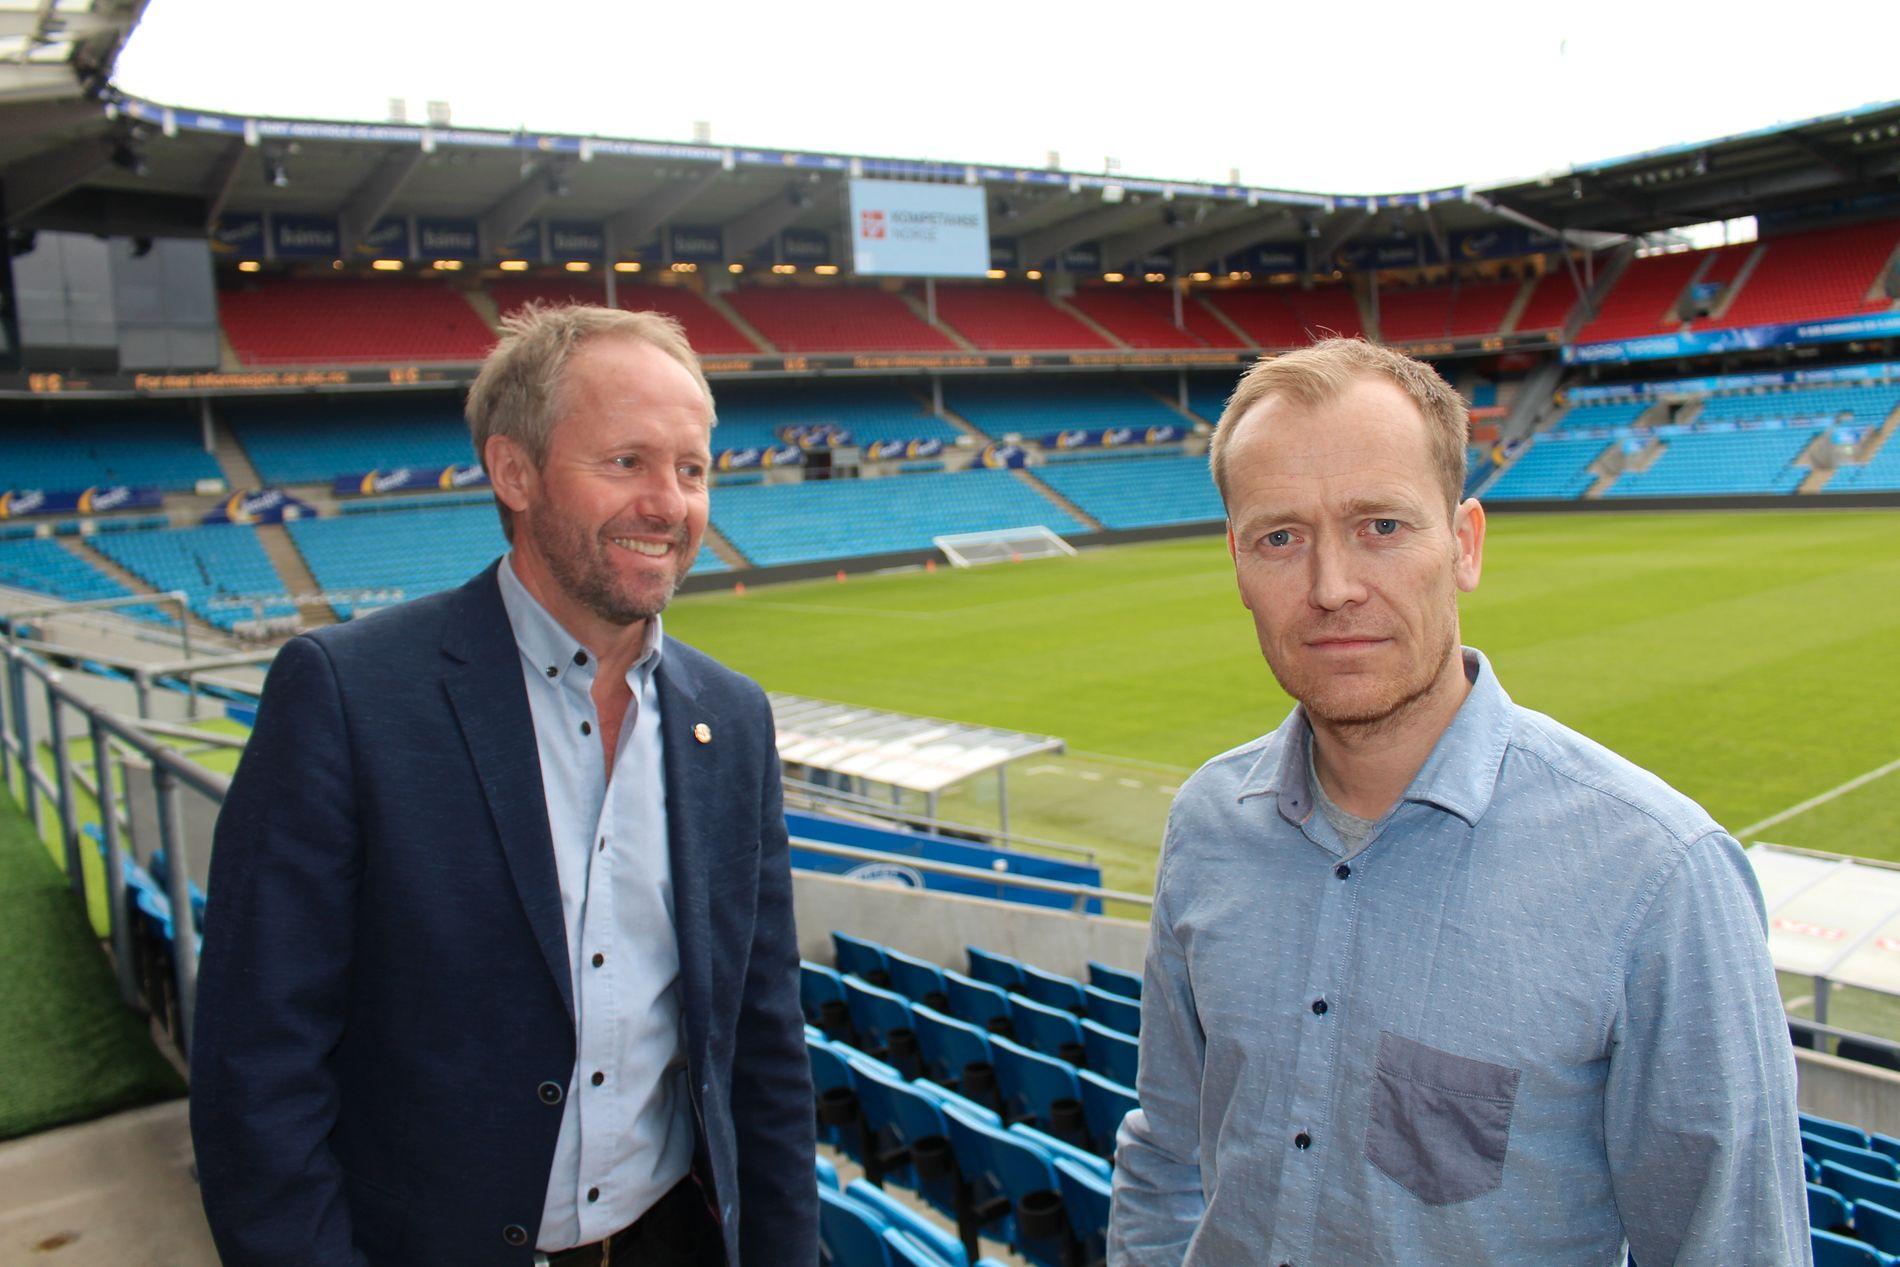 SENTRALE: NFFs generalsekretær Pål Bjerketvedt (t.v.) og direktør for kommunikasjon og samfunn, Svein Graff i NFF.